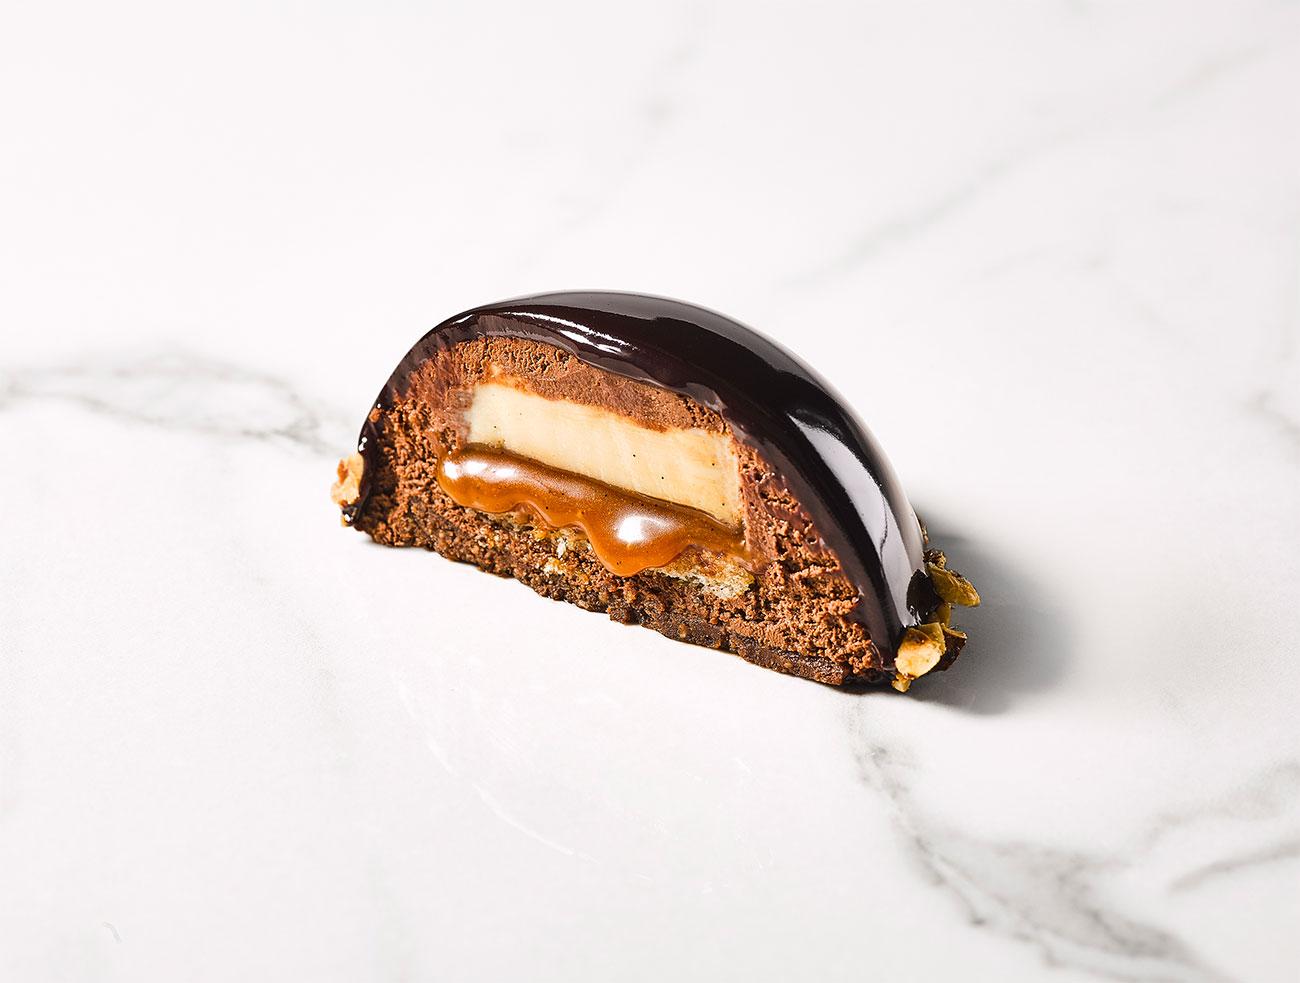 Gâteaux au chocolat - David Haes